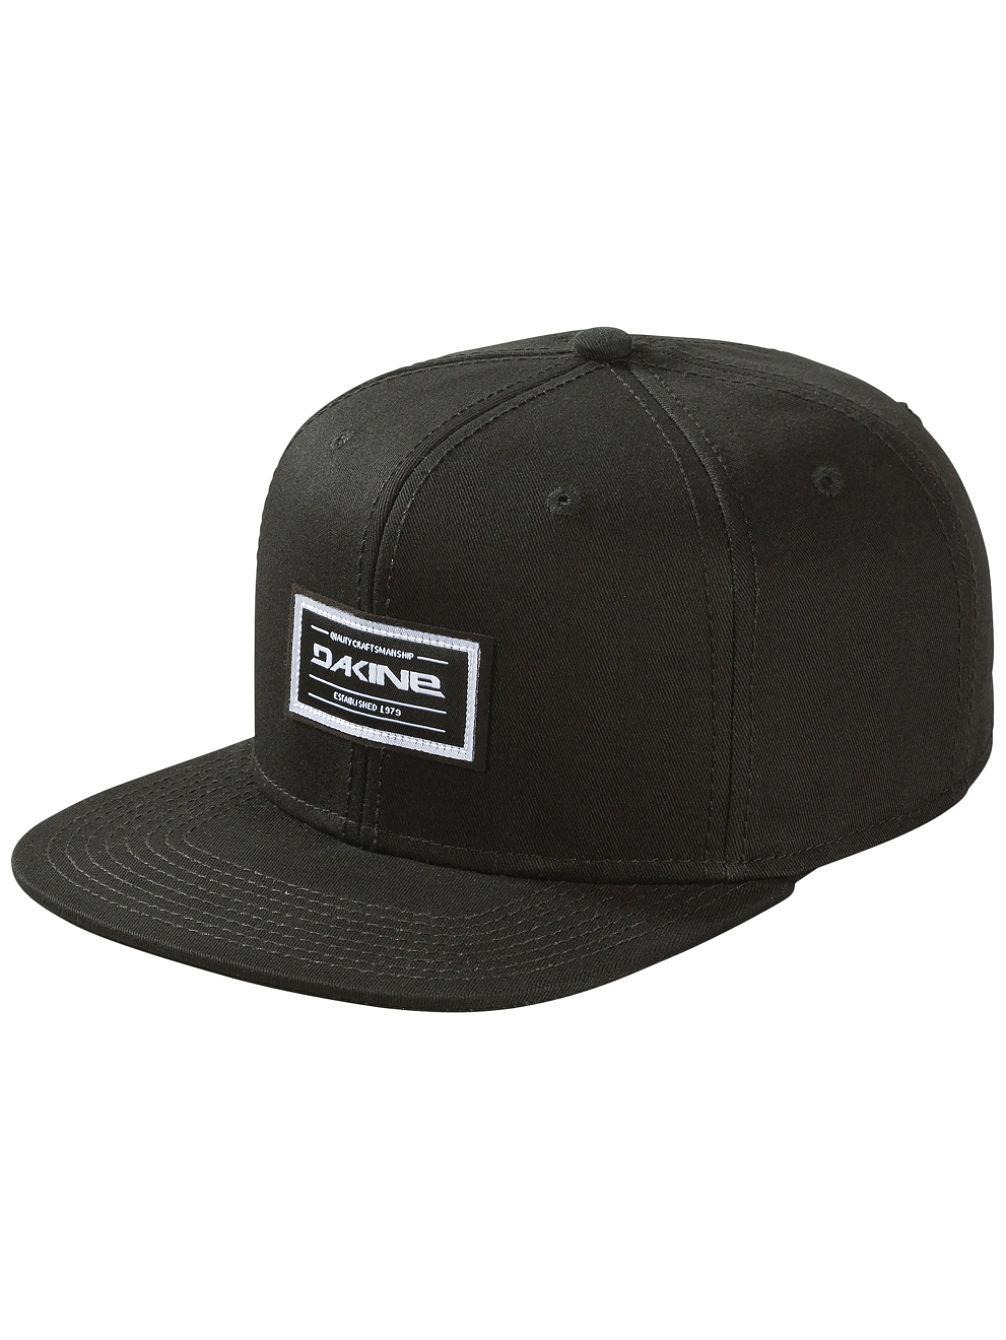 quality-goods-cap